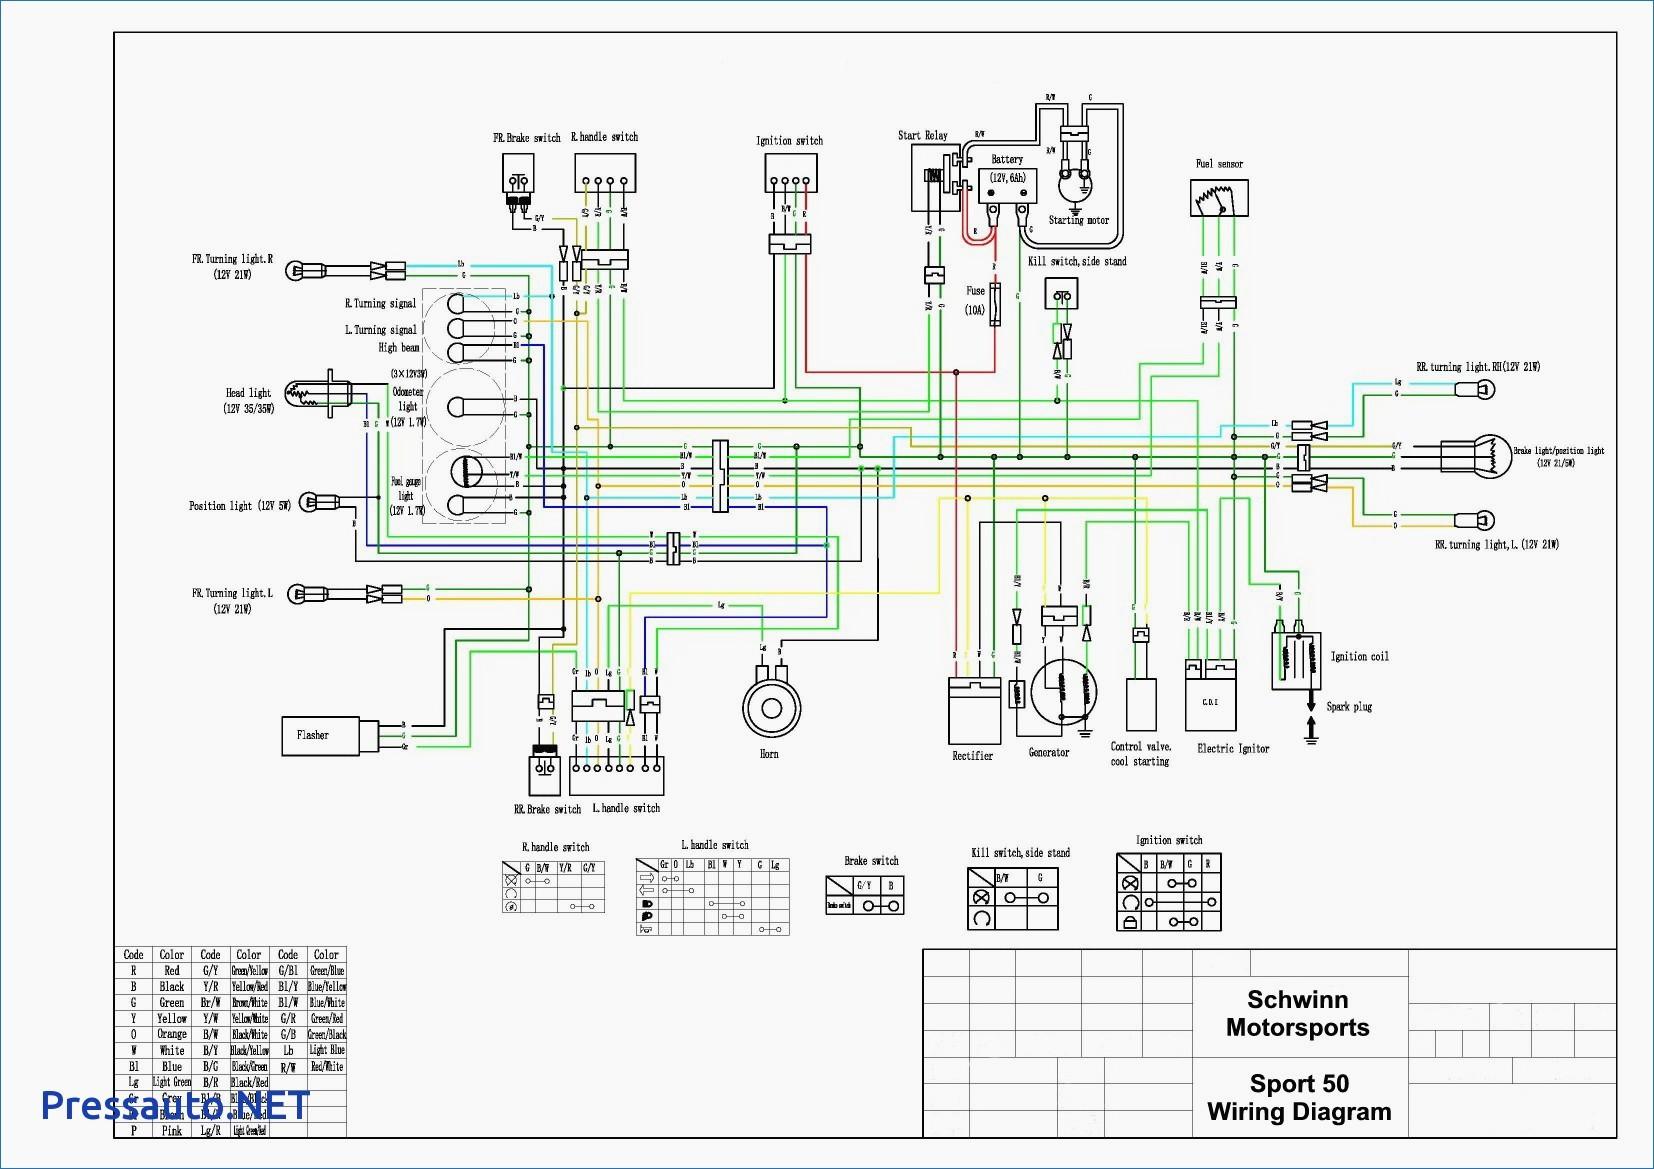 linhai 50cc wiring diagram wiring diagram content Pit Bike Wiring Diagram